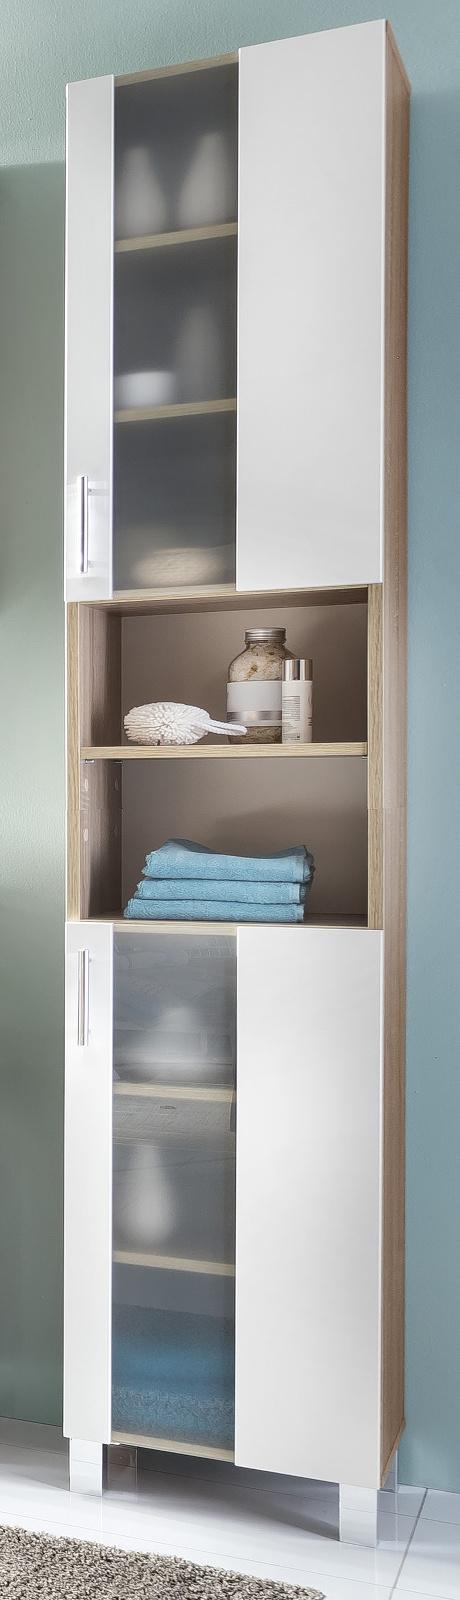 bad hochschrank porto wei eiche. Black Bedroom Furniture Sets. Home Design Ideas